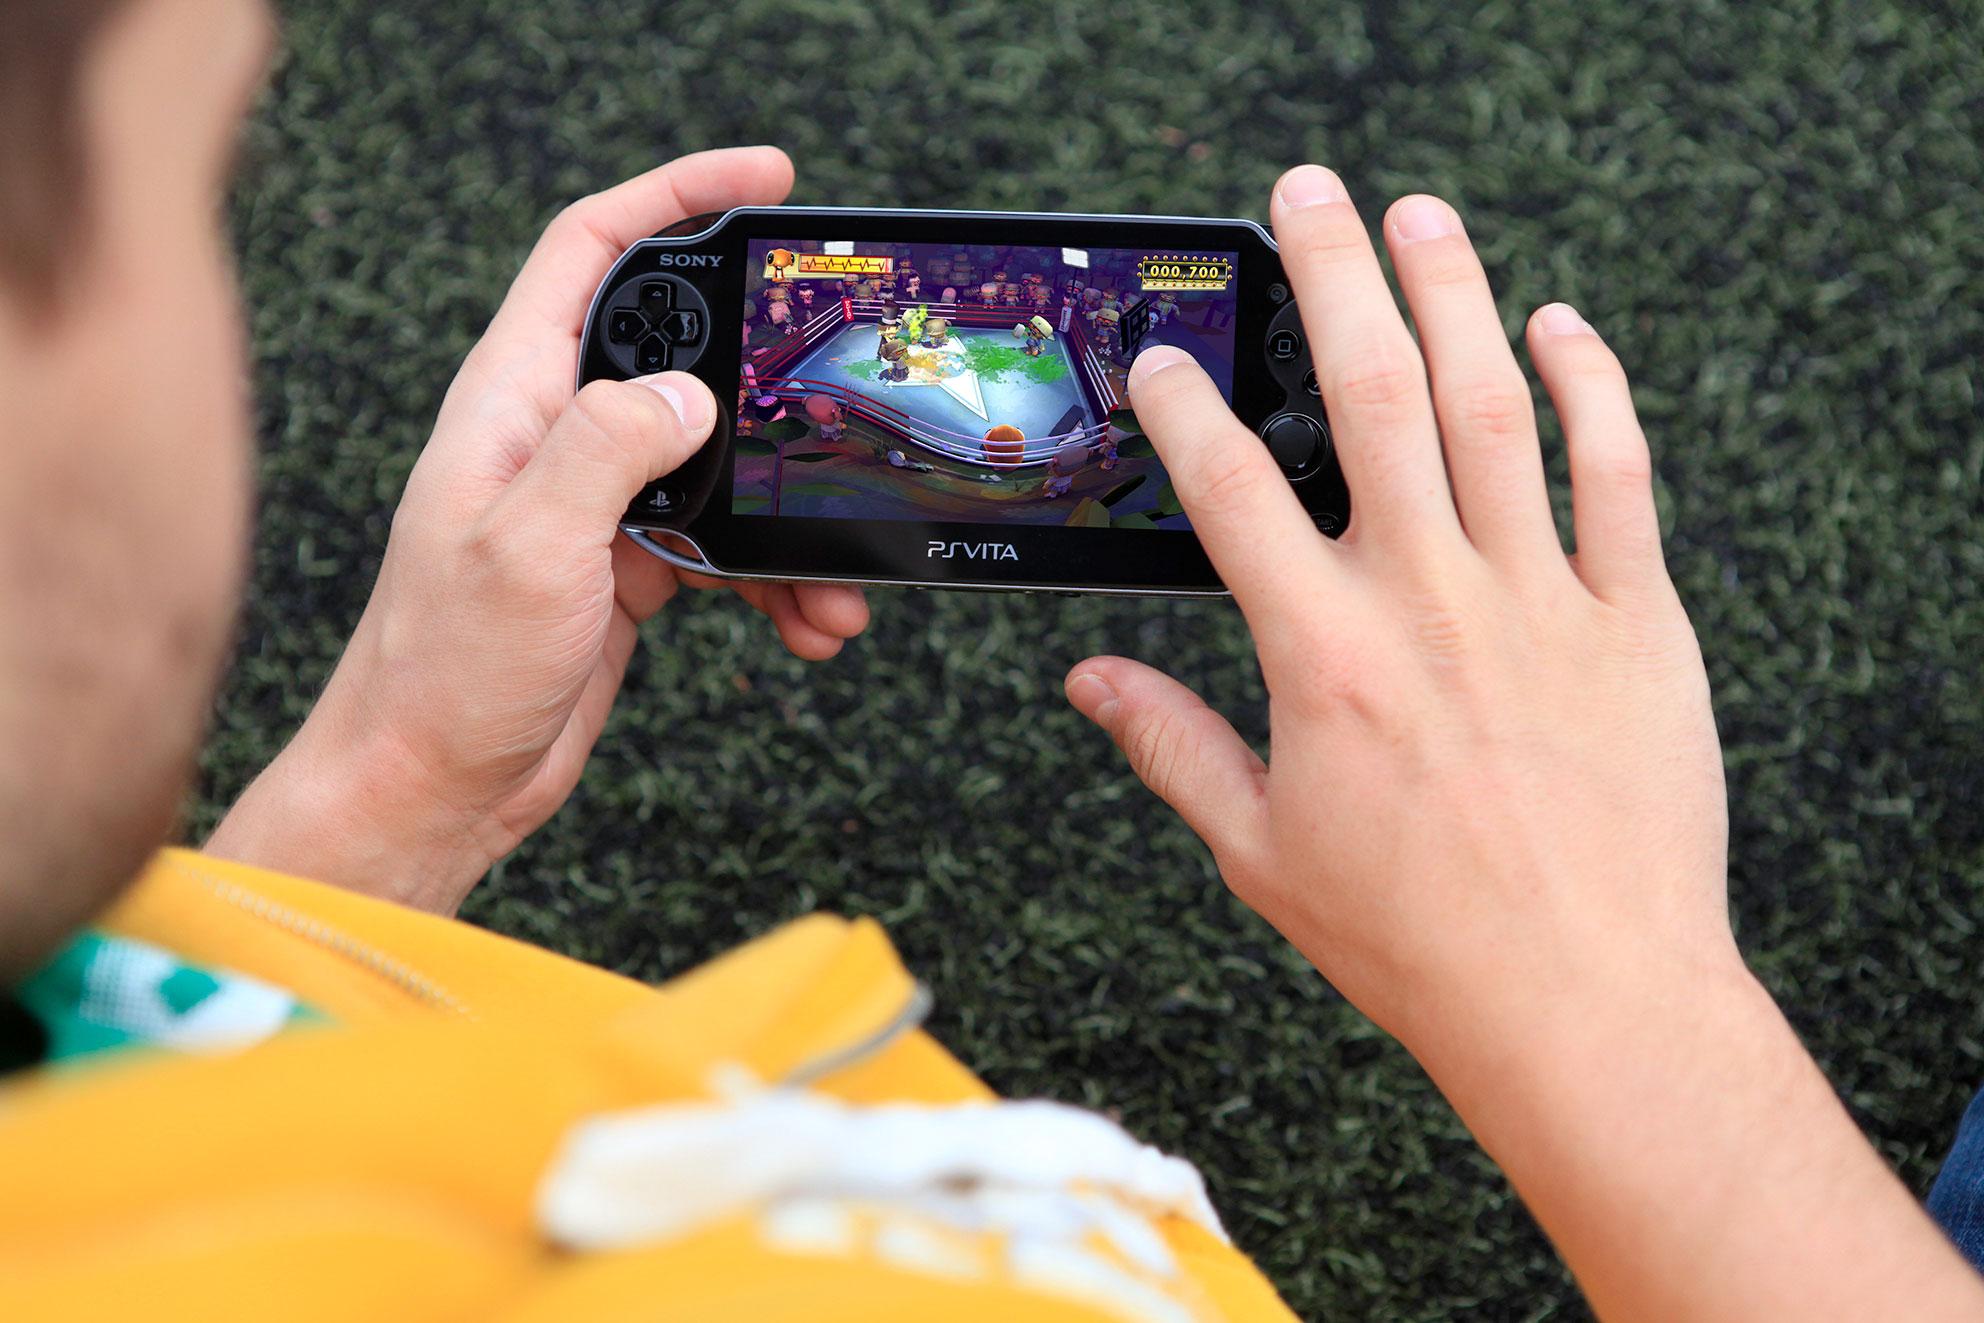 Die Eingabe-Optionen der Vita sind bis heute luxuriös: Neben zwei Analog-Sticks, Digi-Kreuz, dem üblichen Button-Block und zwei Schulter-Tastern hat die Vita einen Multi-Touchscreen sowie ein rückseitiges Touchpad.